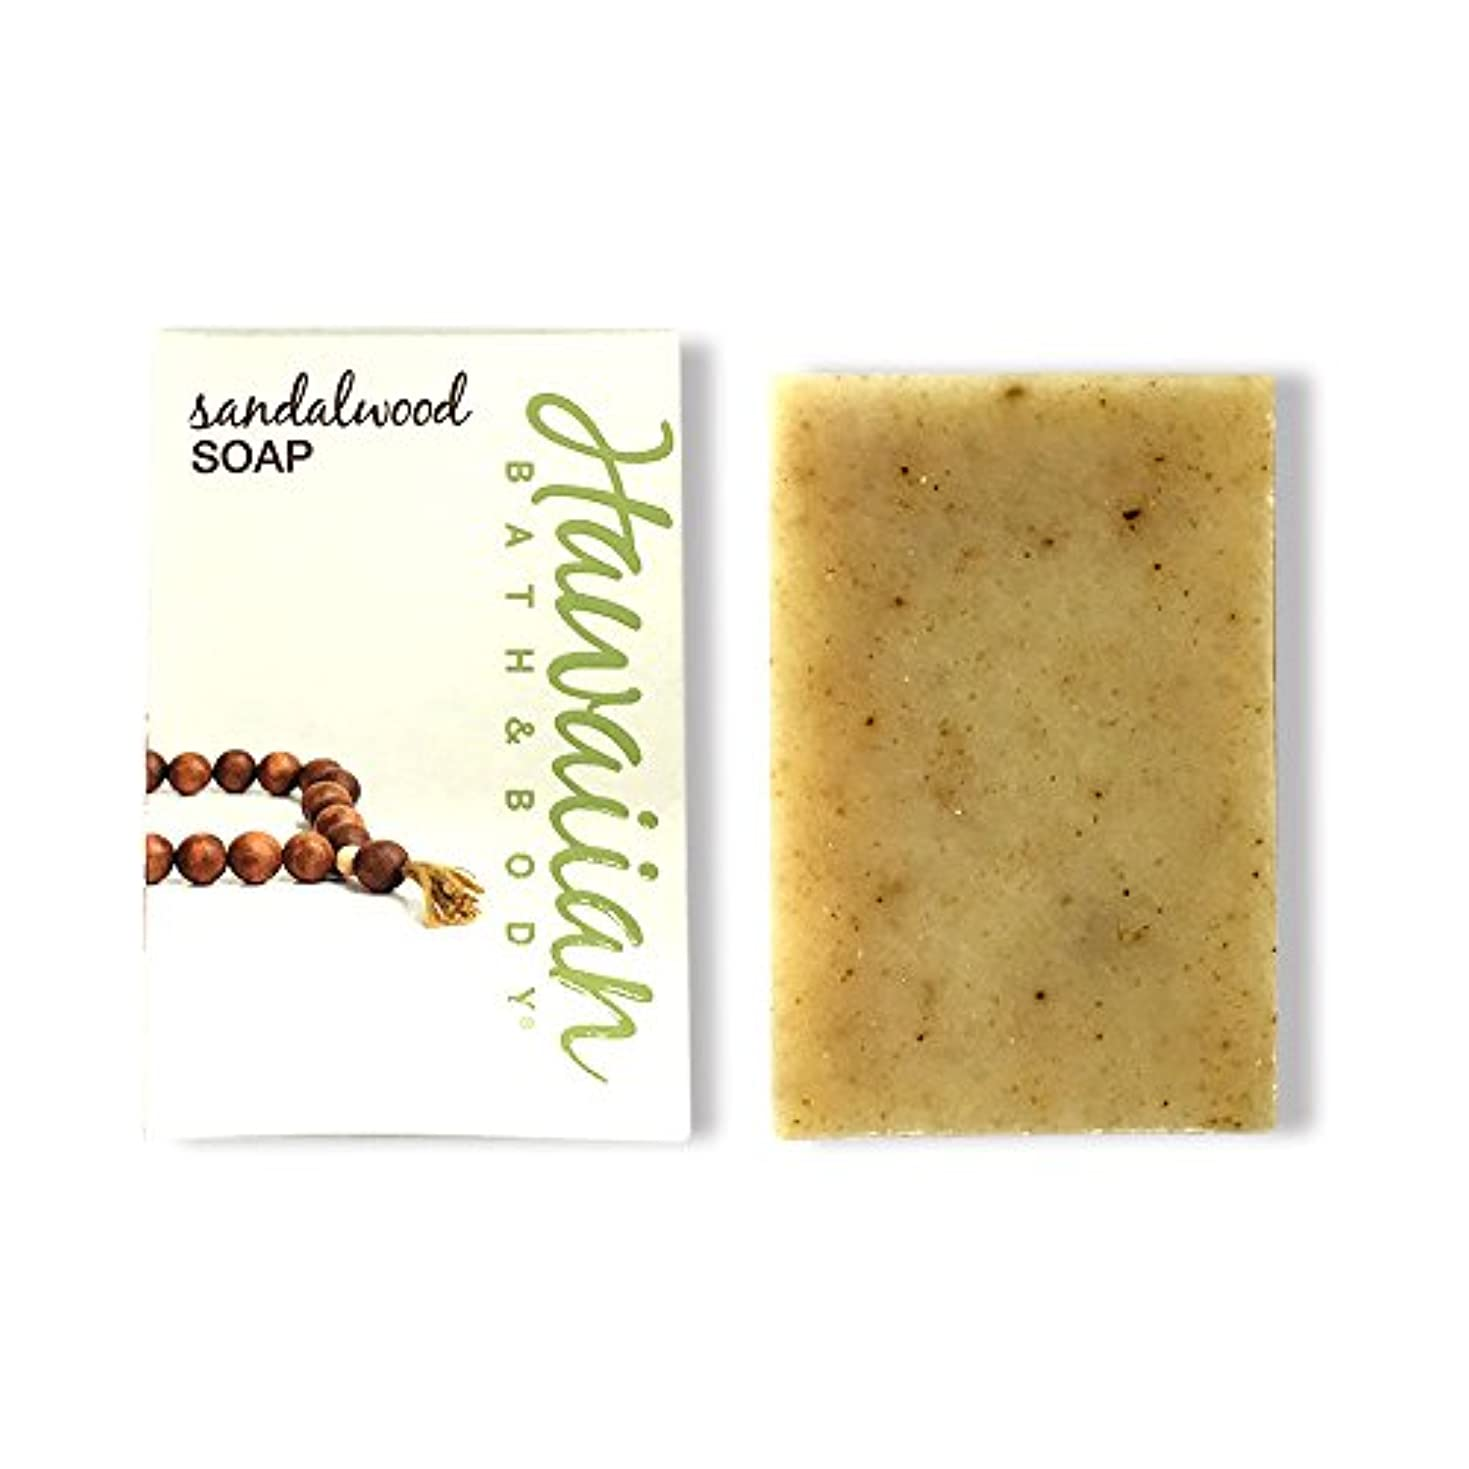 ハワイアンバス&ボディ サンダルウッドソープ ( Sandalwood Soap )